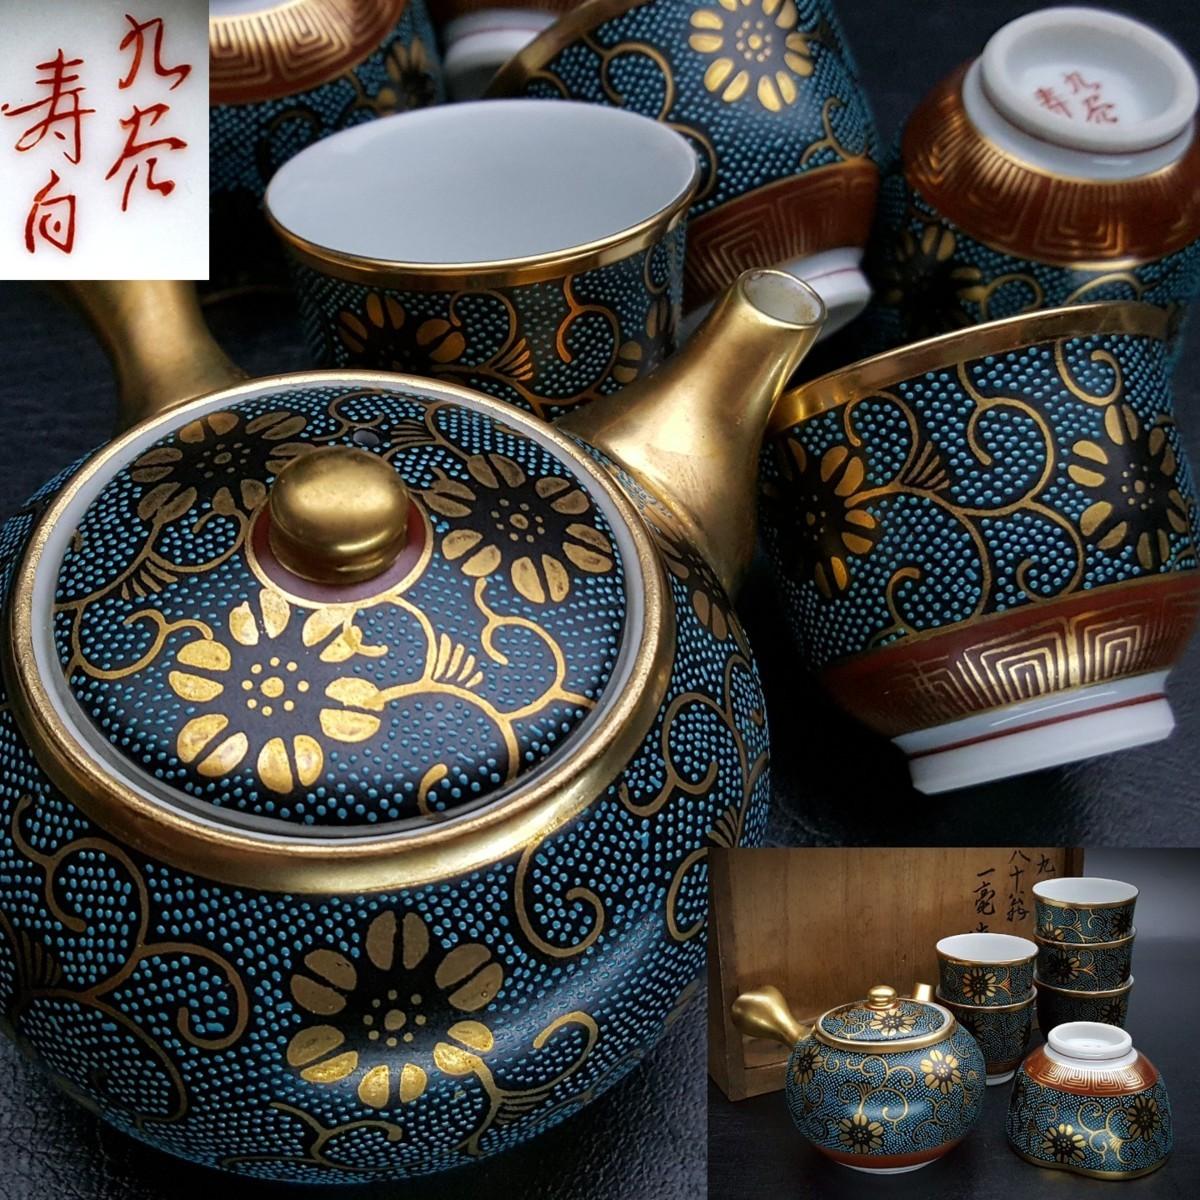 【宝蔵】九谷焼 寿向造 豪華絢爛 青粒鉄線茶器揃 口金急須 湯冷まし 上級煎茶碗五客 煎茶道具 時代箱